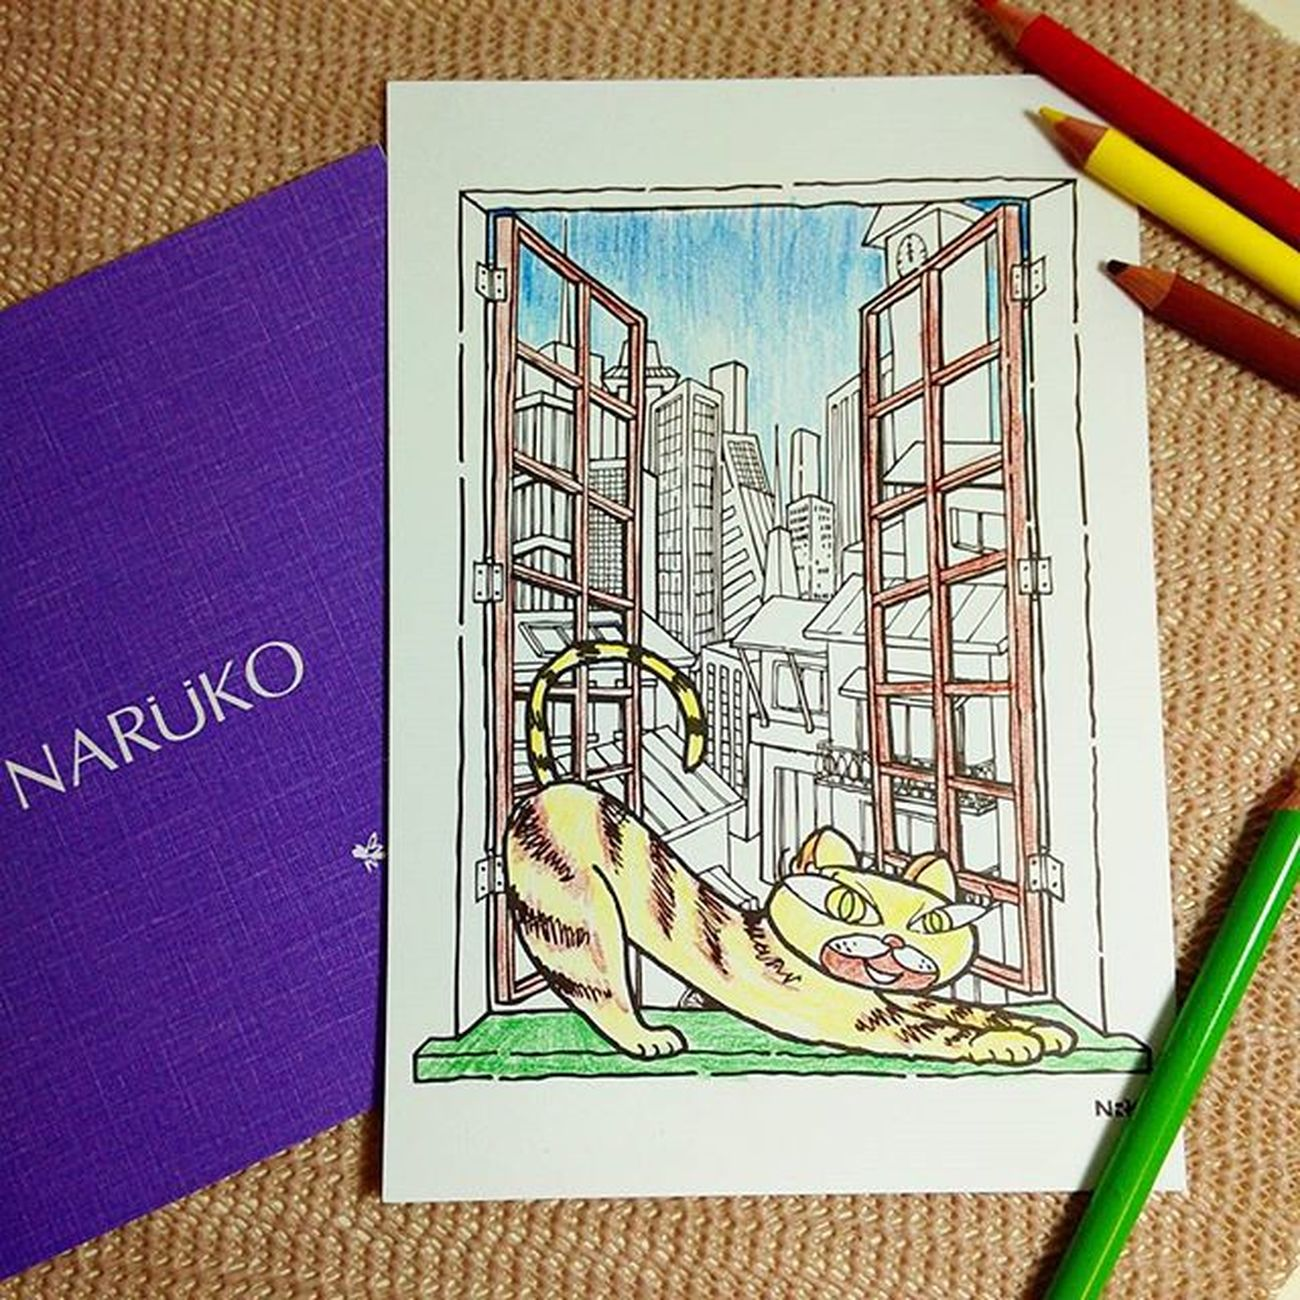 收到牛爾老師@niuer520 的中秋禮,好有創意的中秋禮物,在電子化的現在親手繪製中秋賀卡寄給朋友該有多珍貴,比起冰冷的禮盒或簡訊,親手繪製的卡片更溫暖啊! Naruko 牛爾 Moonfestival Colouringbook Mobile01 愛曼達